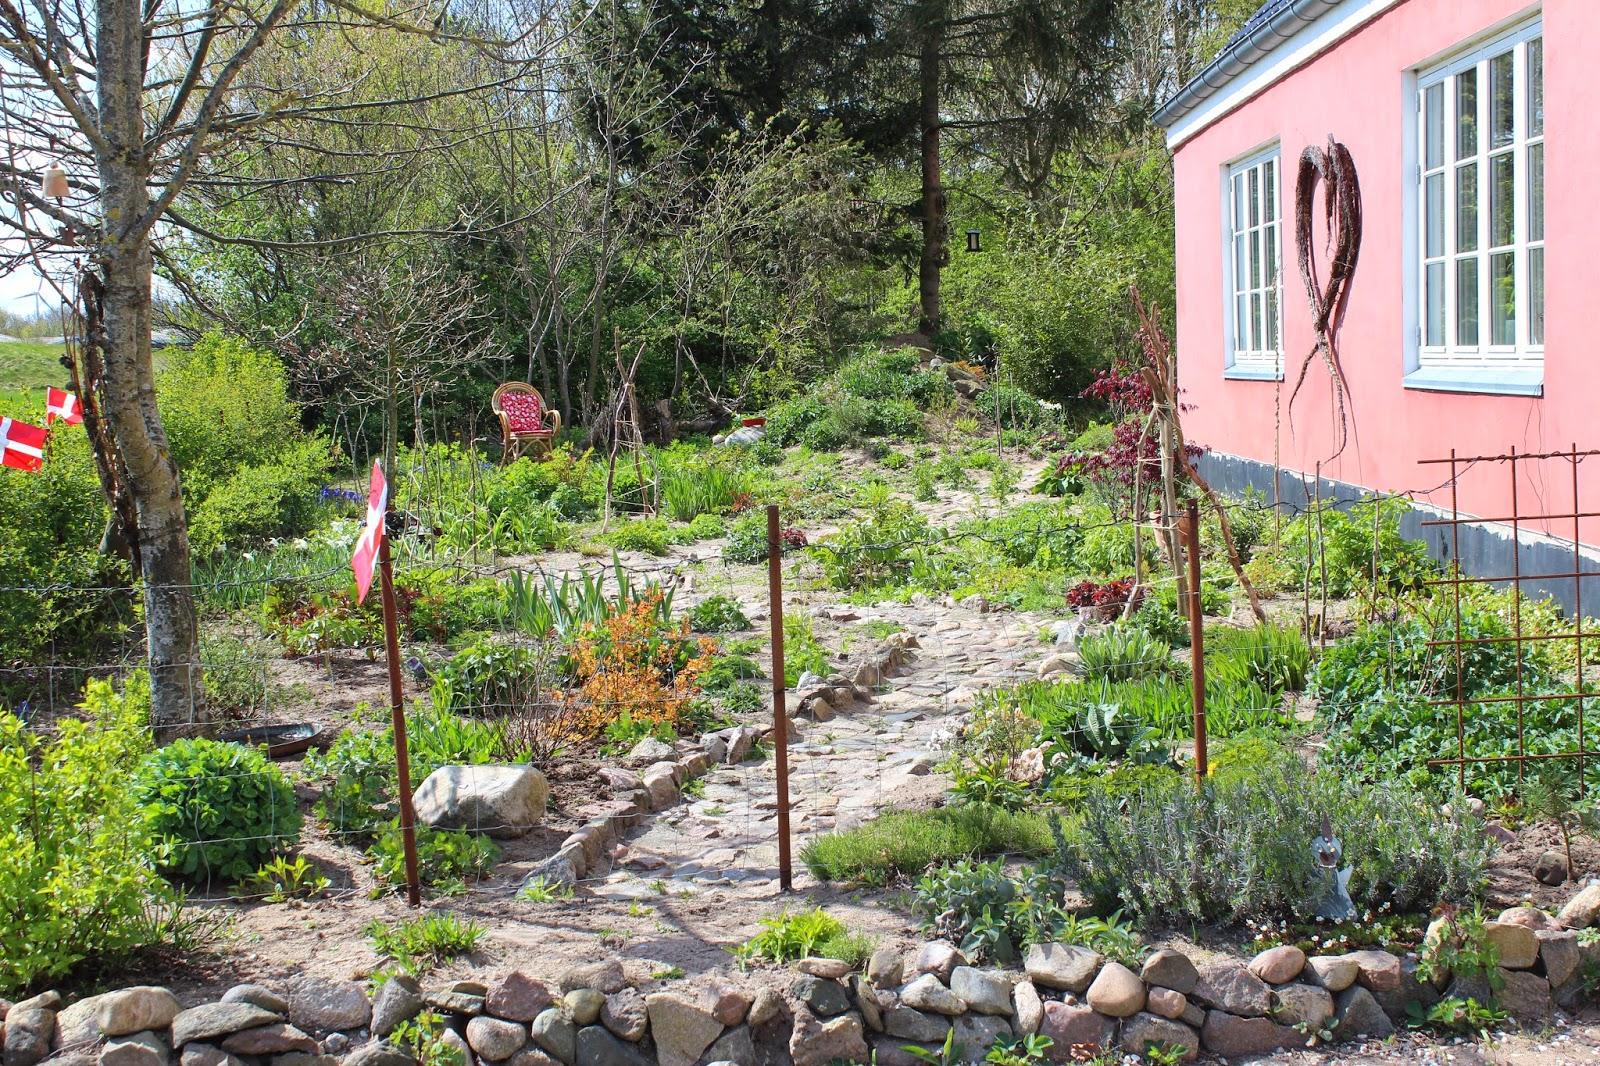 Anettesflora: tulipan fest og forhaven i vækst